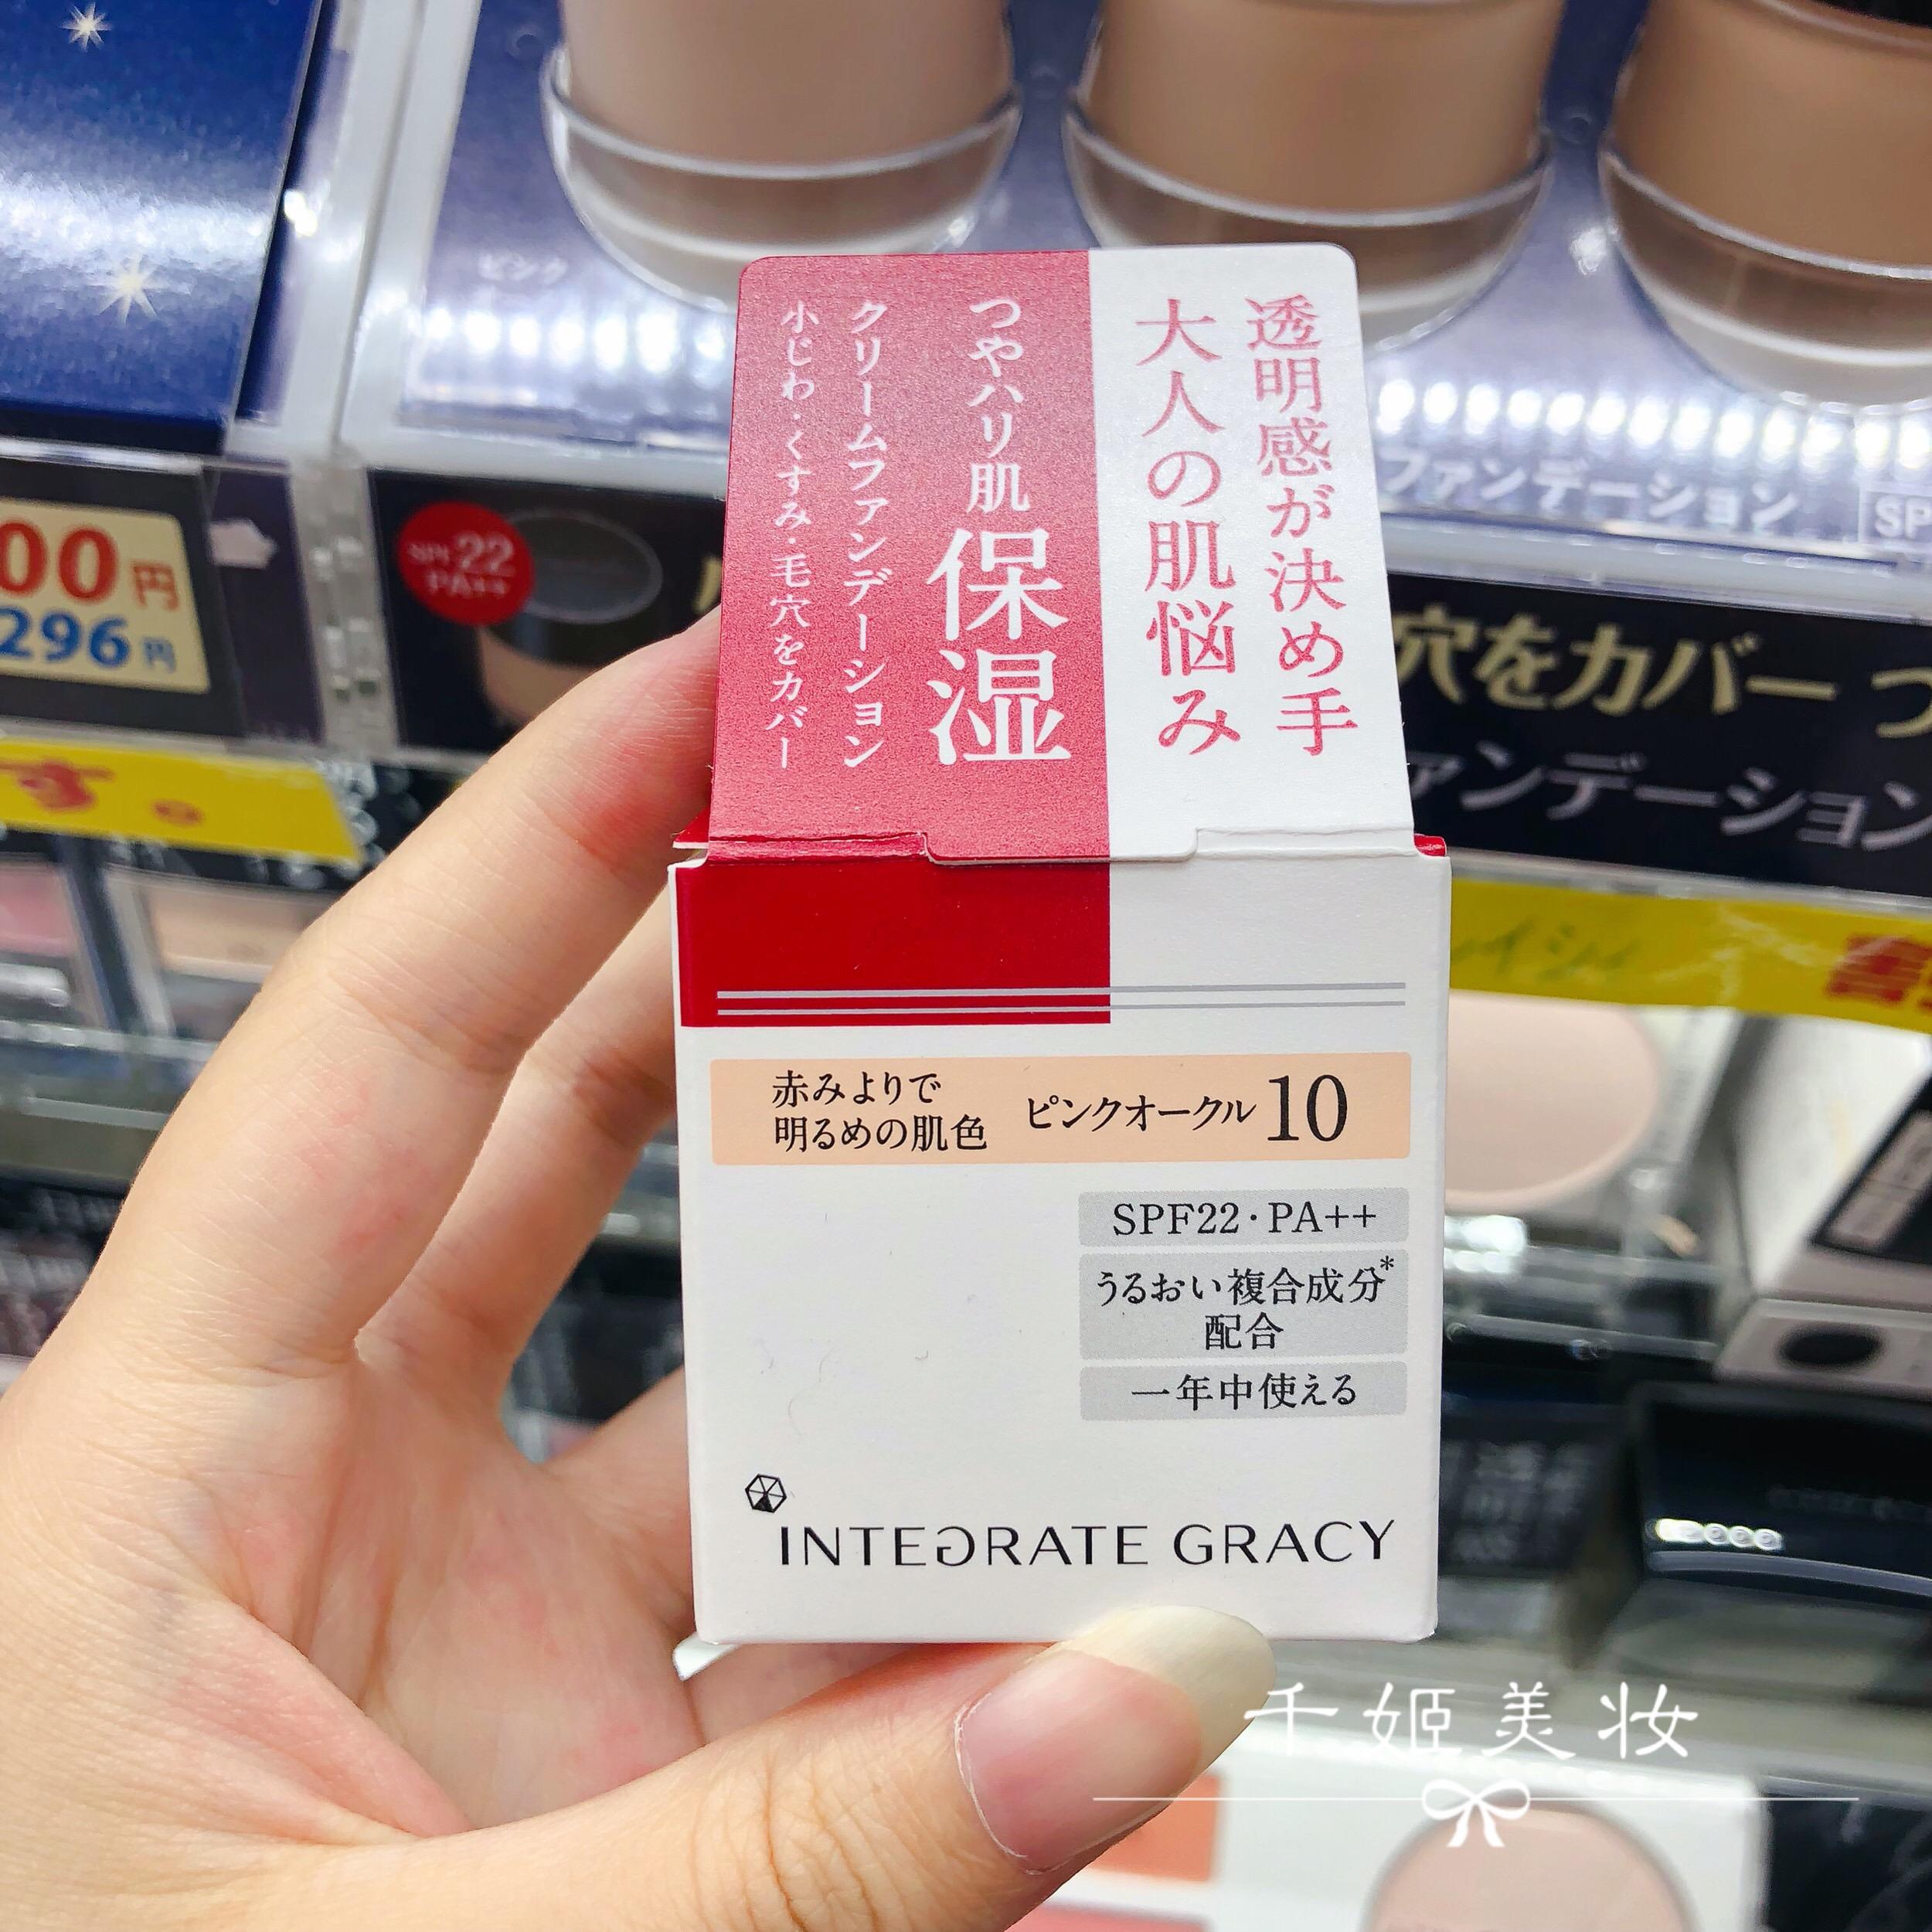 新版日本资生堂完美意境粉底液粉霜提亮肤色轻薄遮瑕膏粉底霜保湿